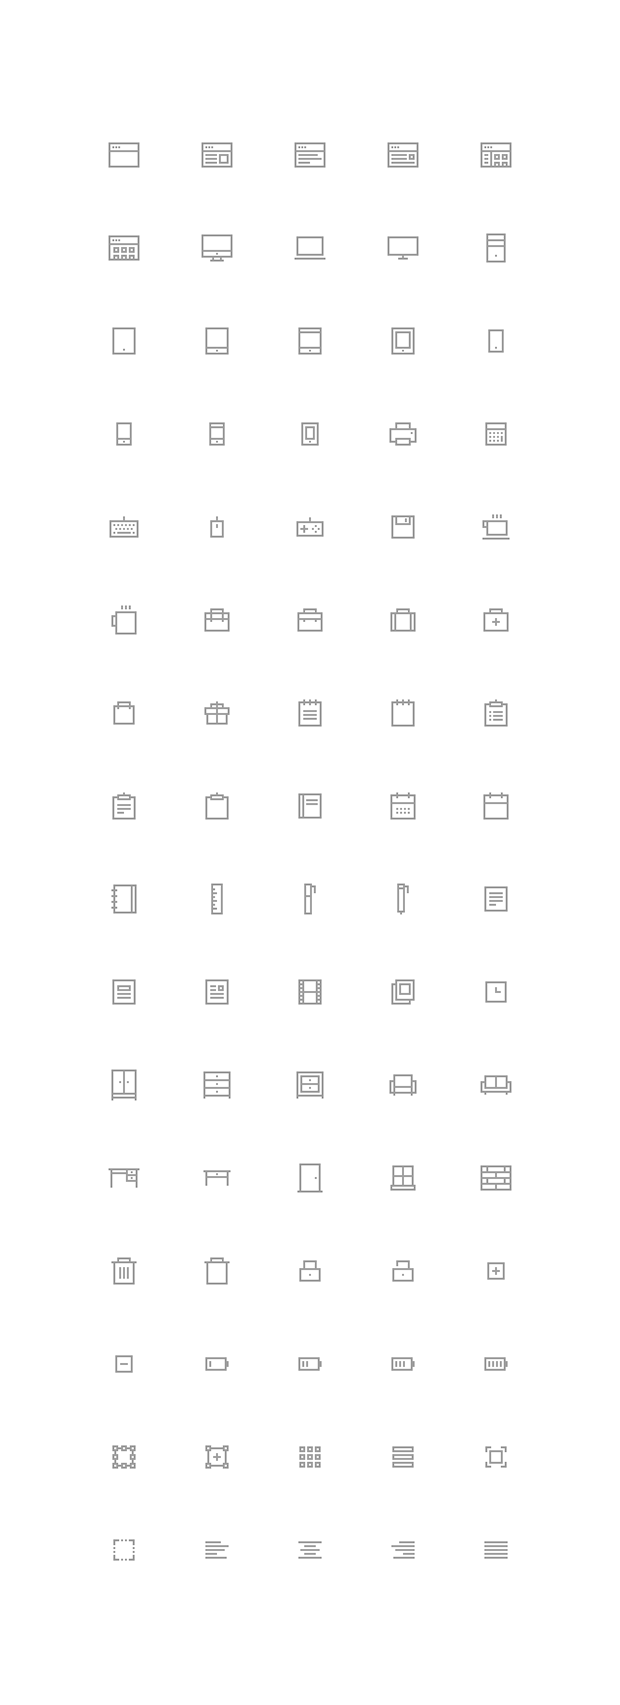 80-Pixelvicon-Icon-Set